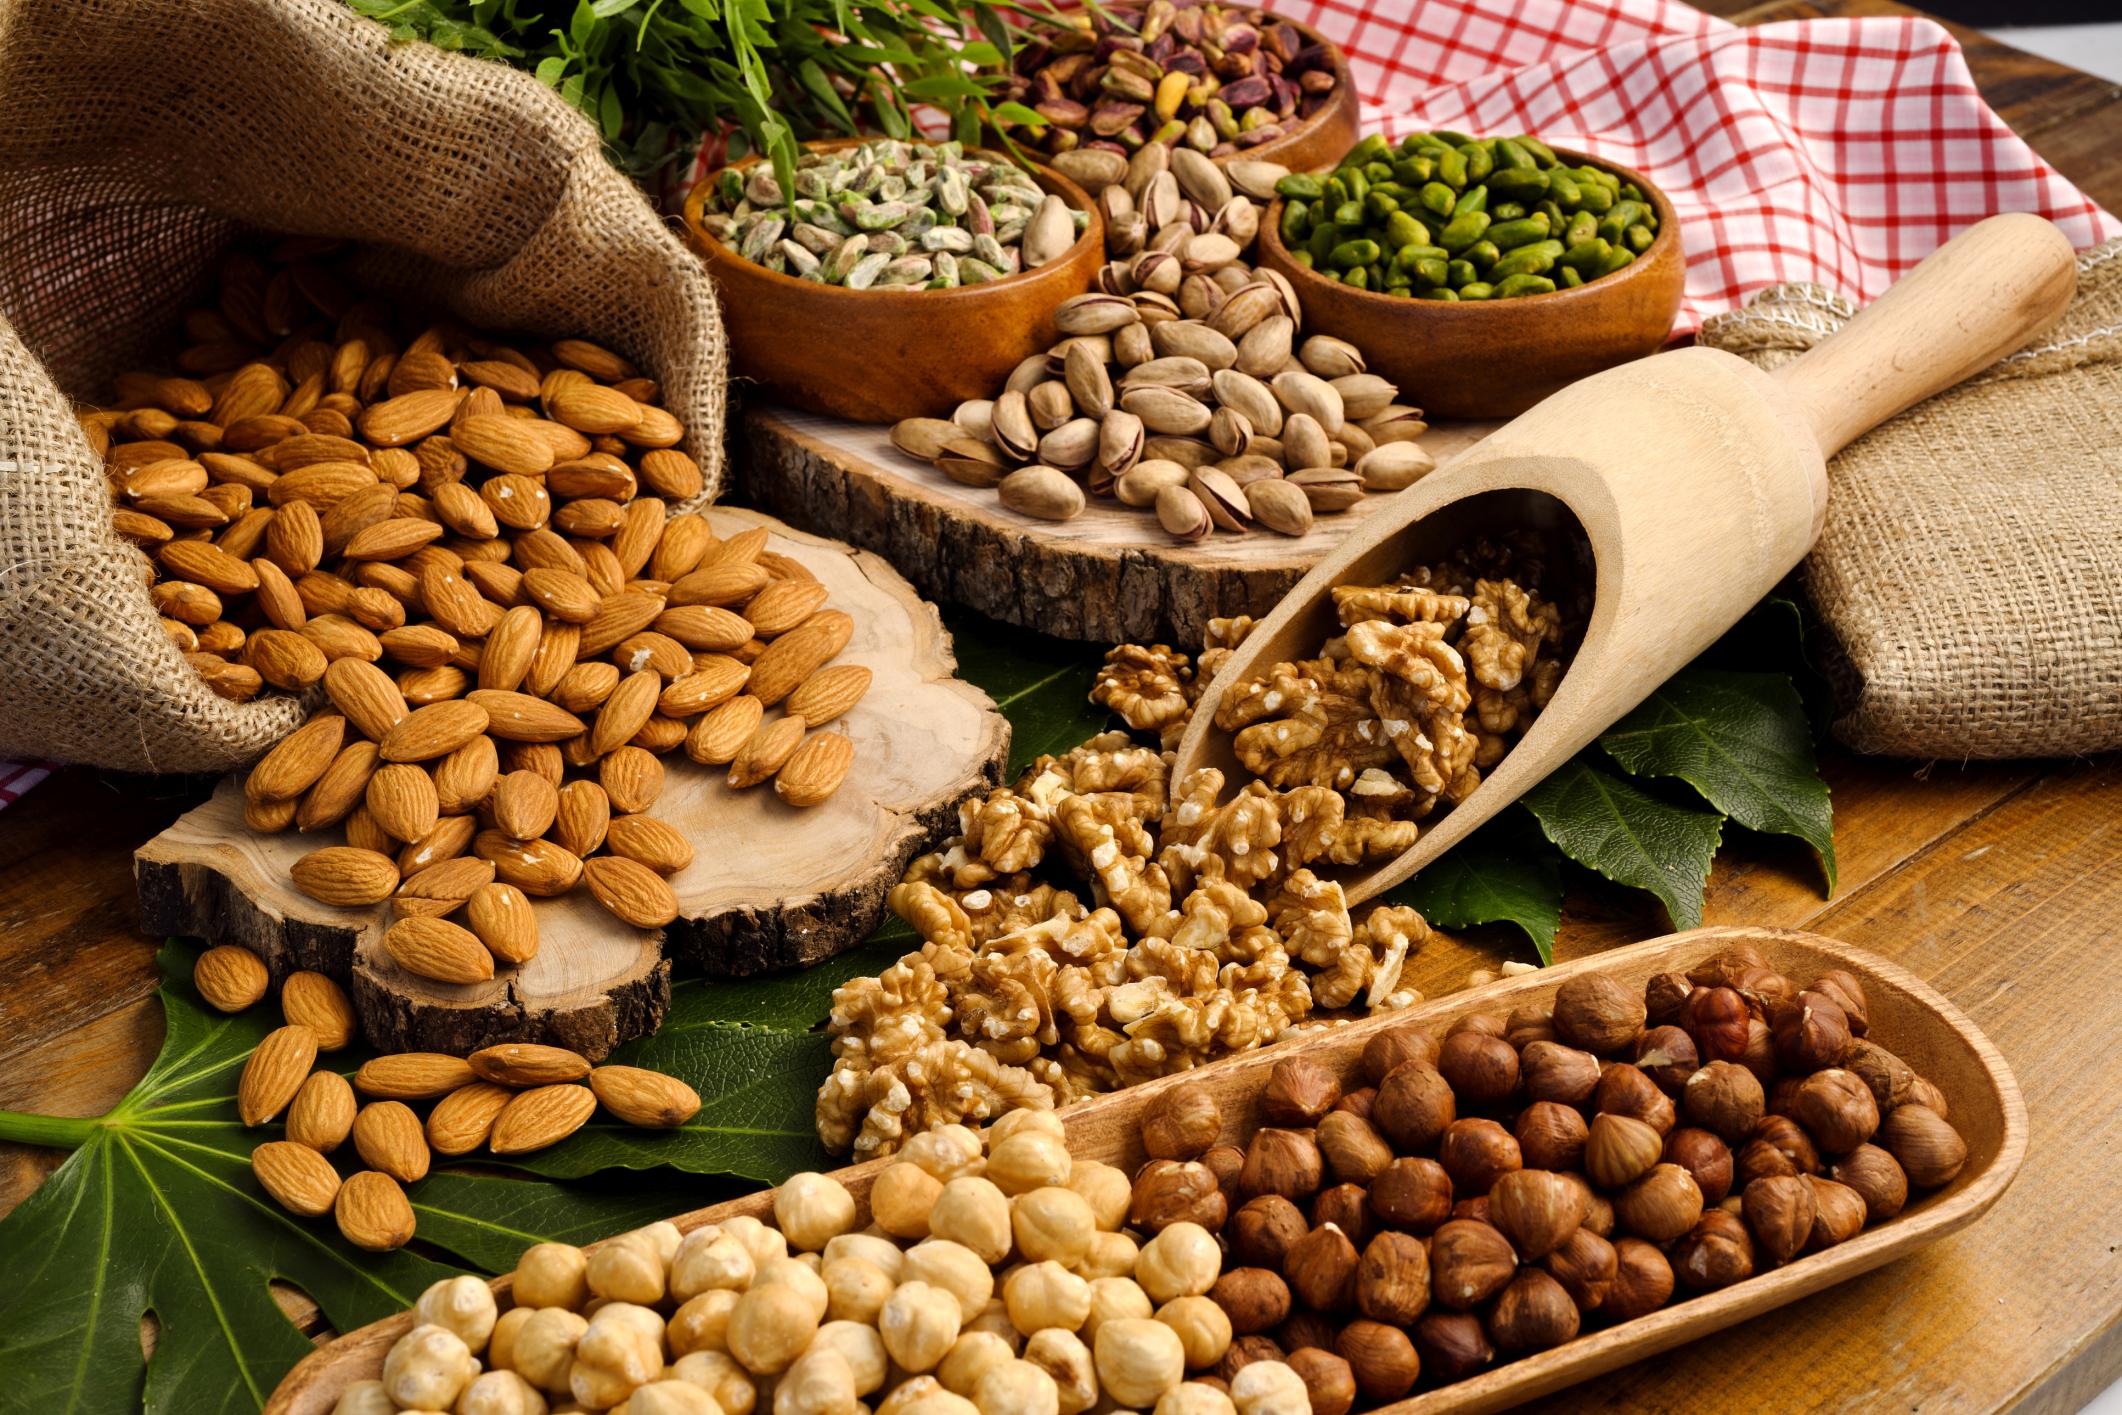 acido urico legumbres recetas caseras para eliminar el acido urico tratamiento de litiasis de acido urico